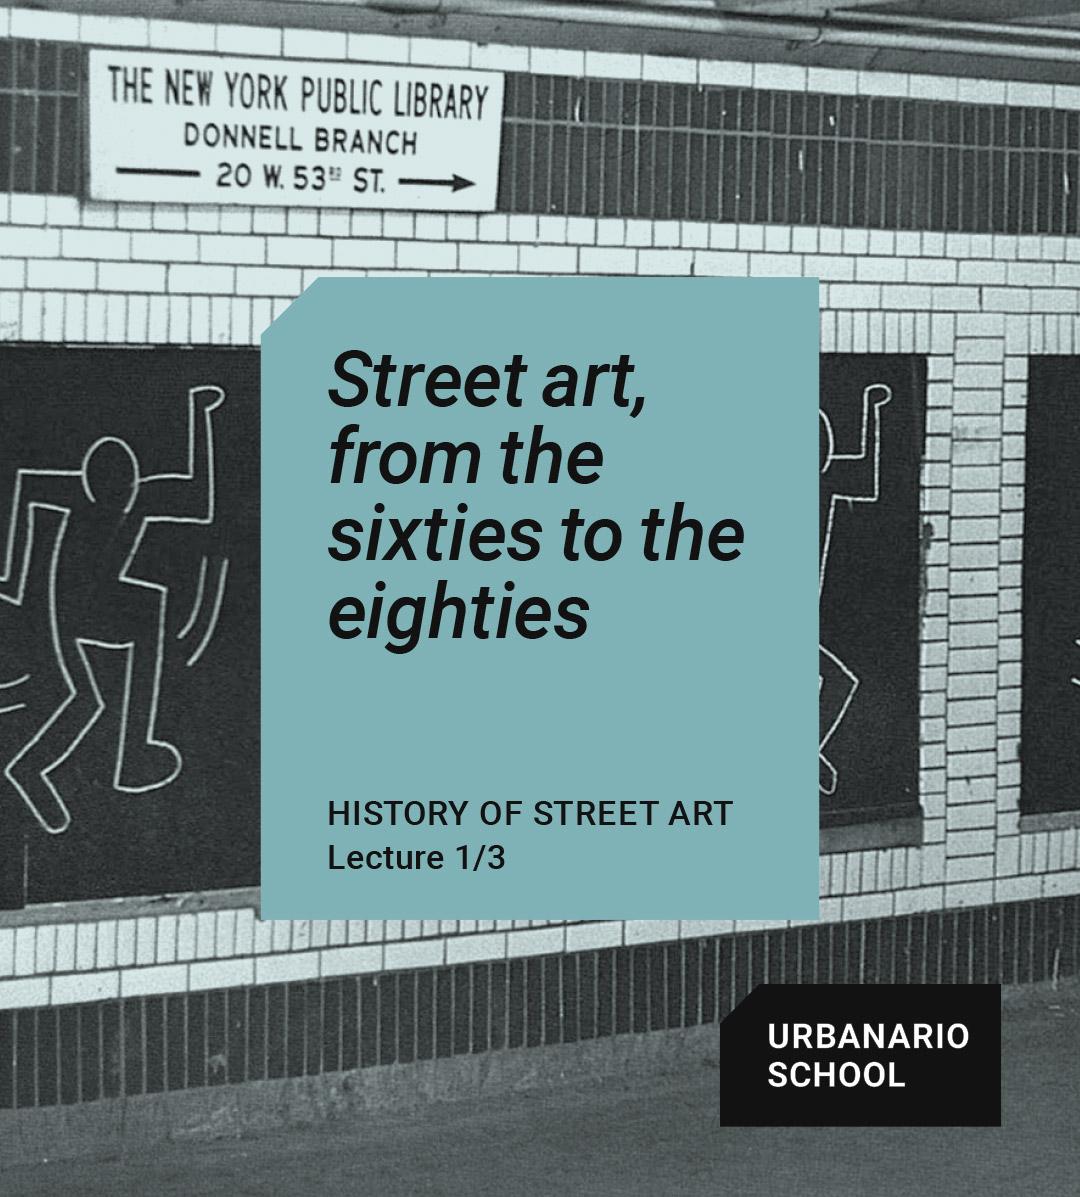 Street art from sixties to eighties - Urbanario School